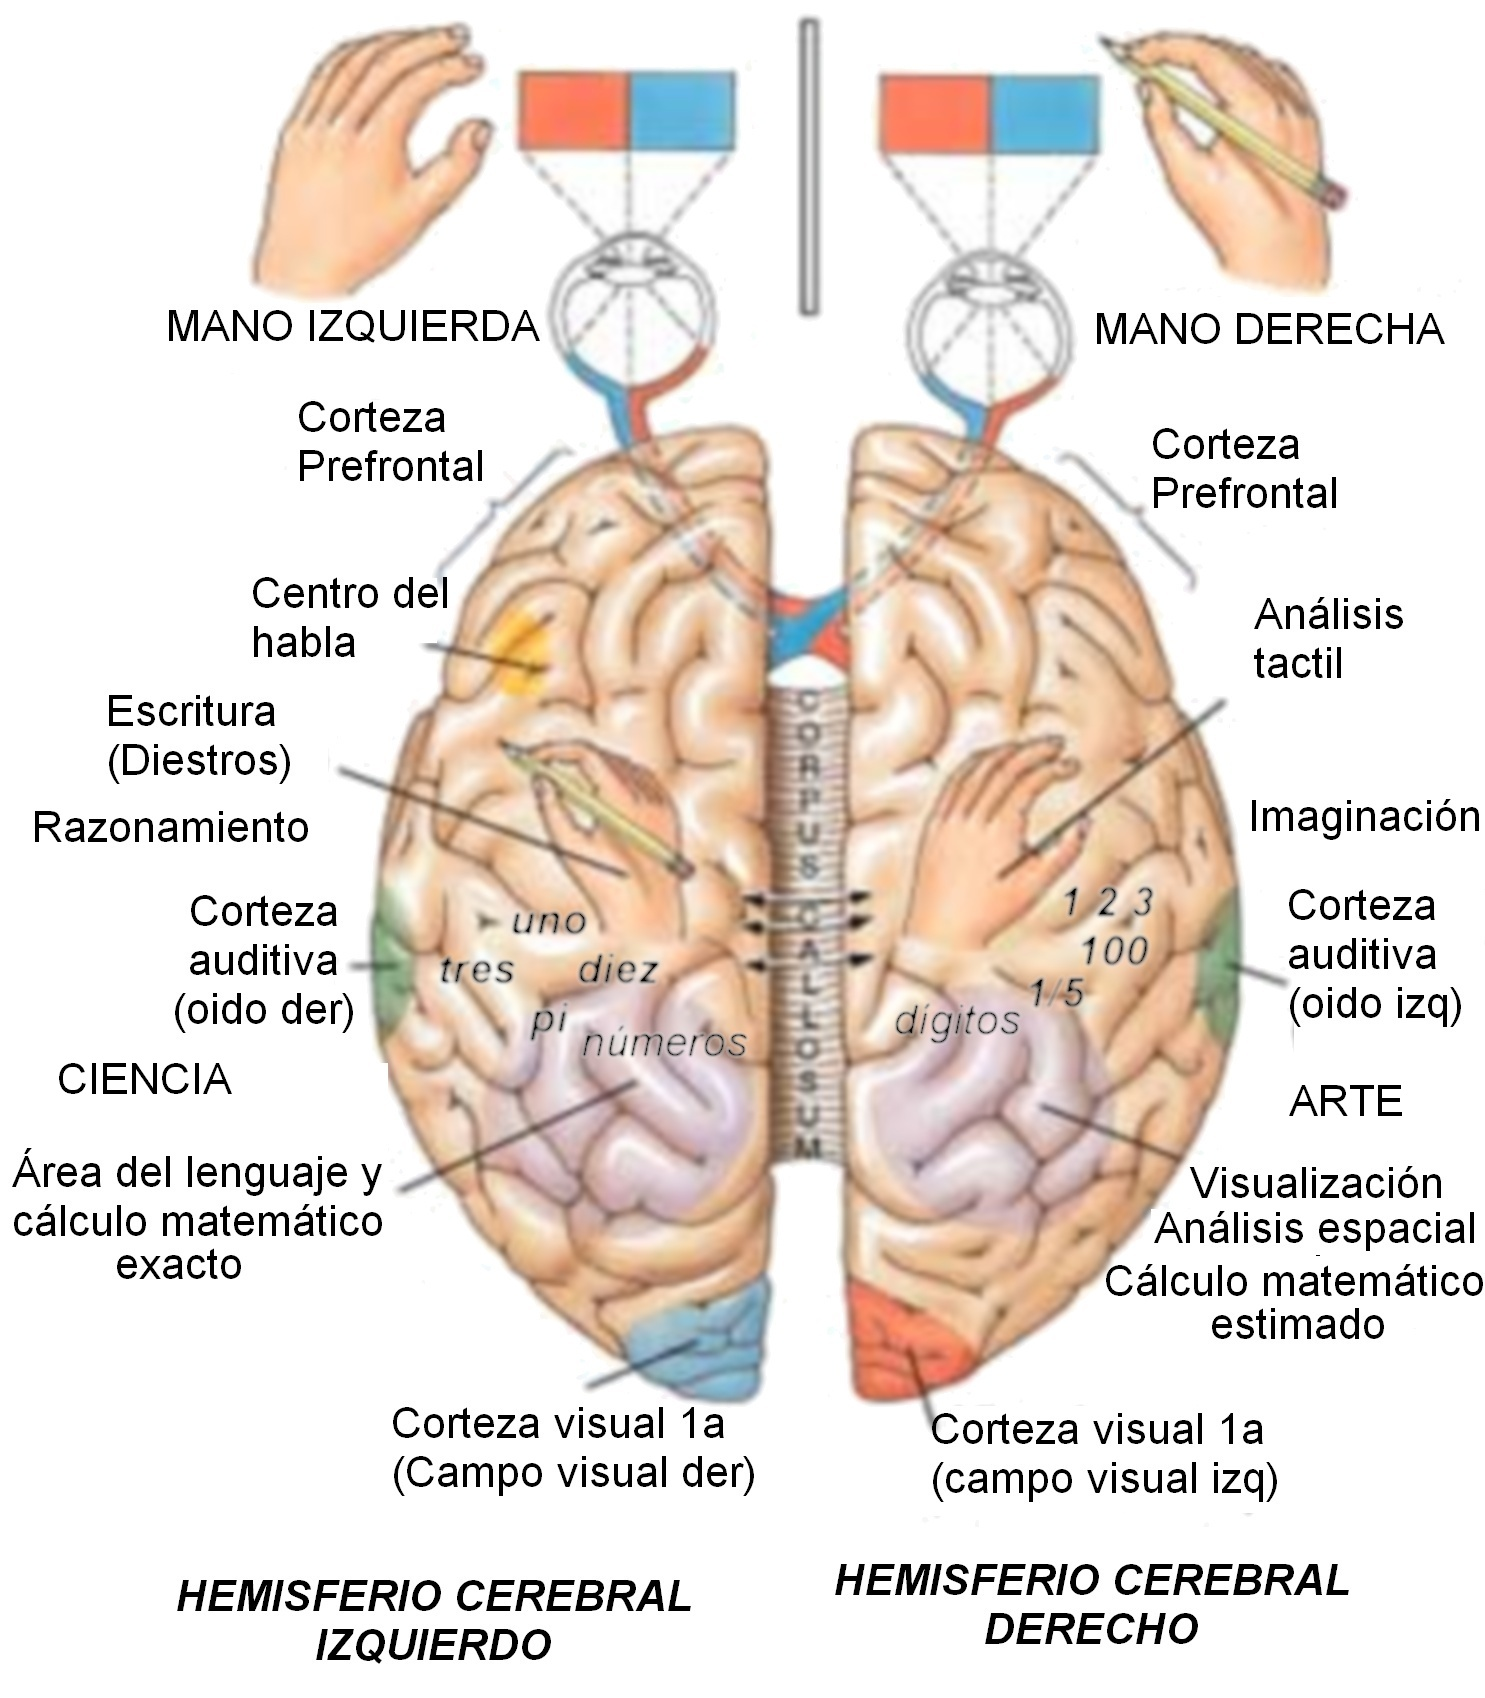 Matemáticas y cerebro | Cerebros modificados